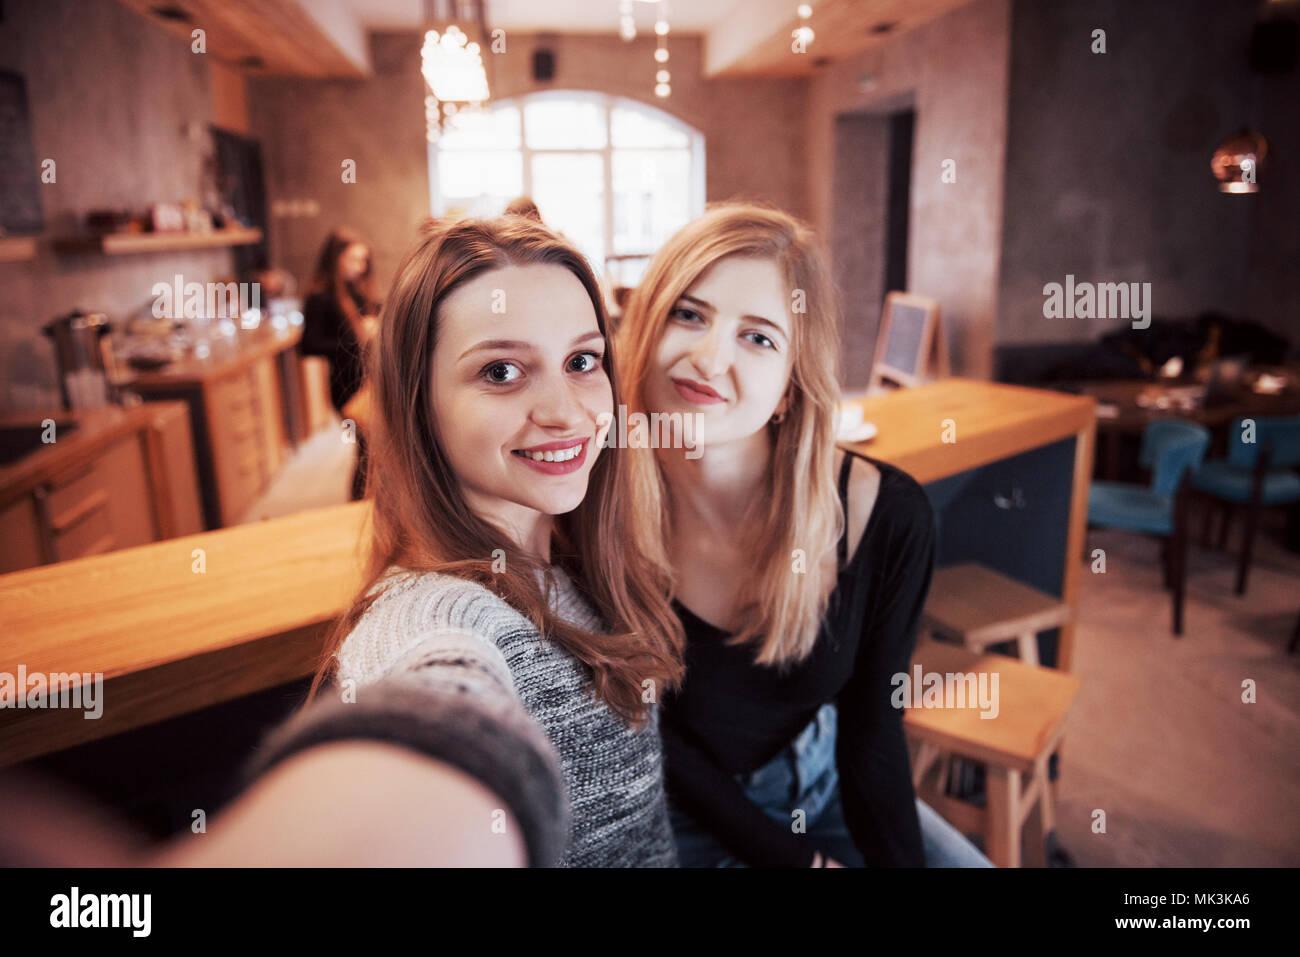 Zwei Frauen, die Freunde im Cafe sitzen und selfie machen Stockbild